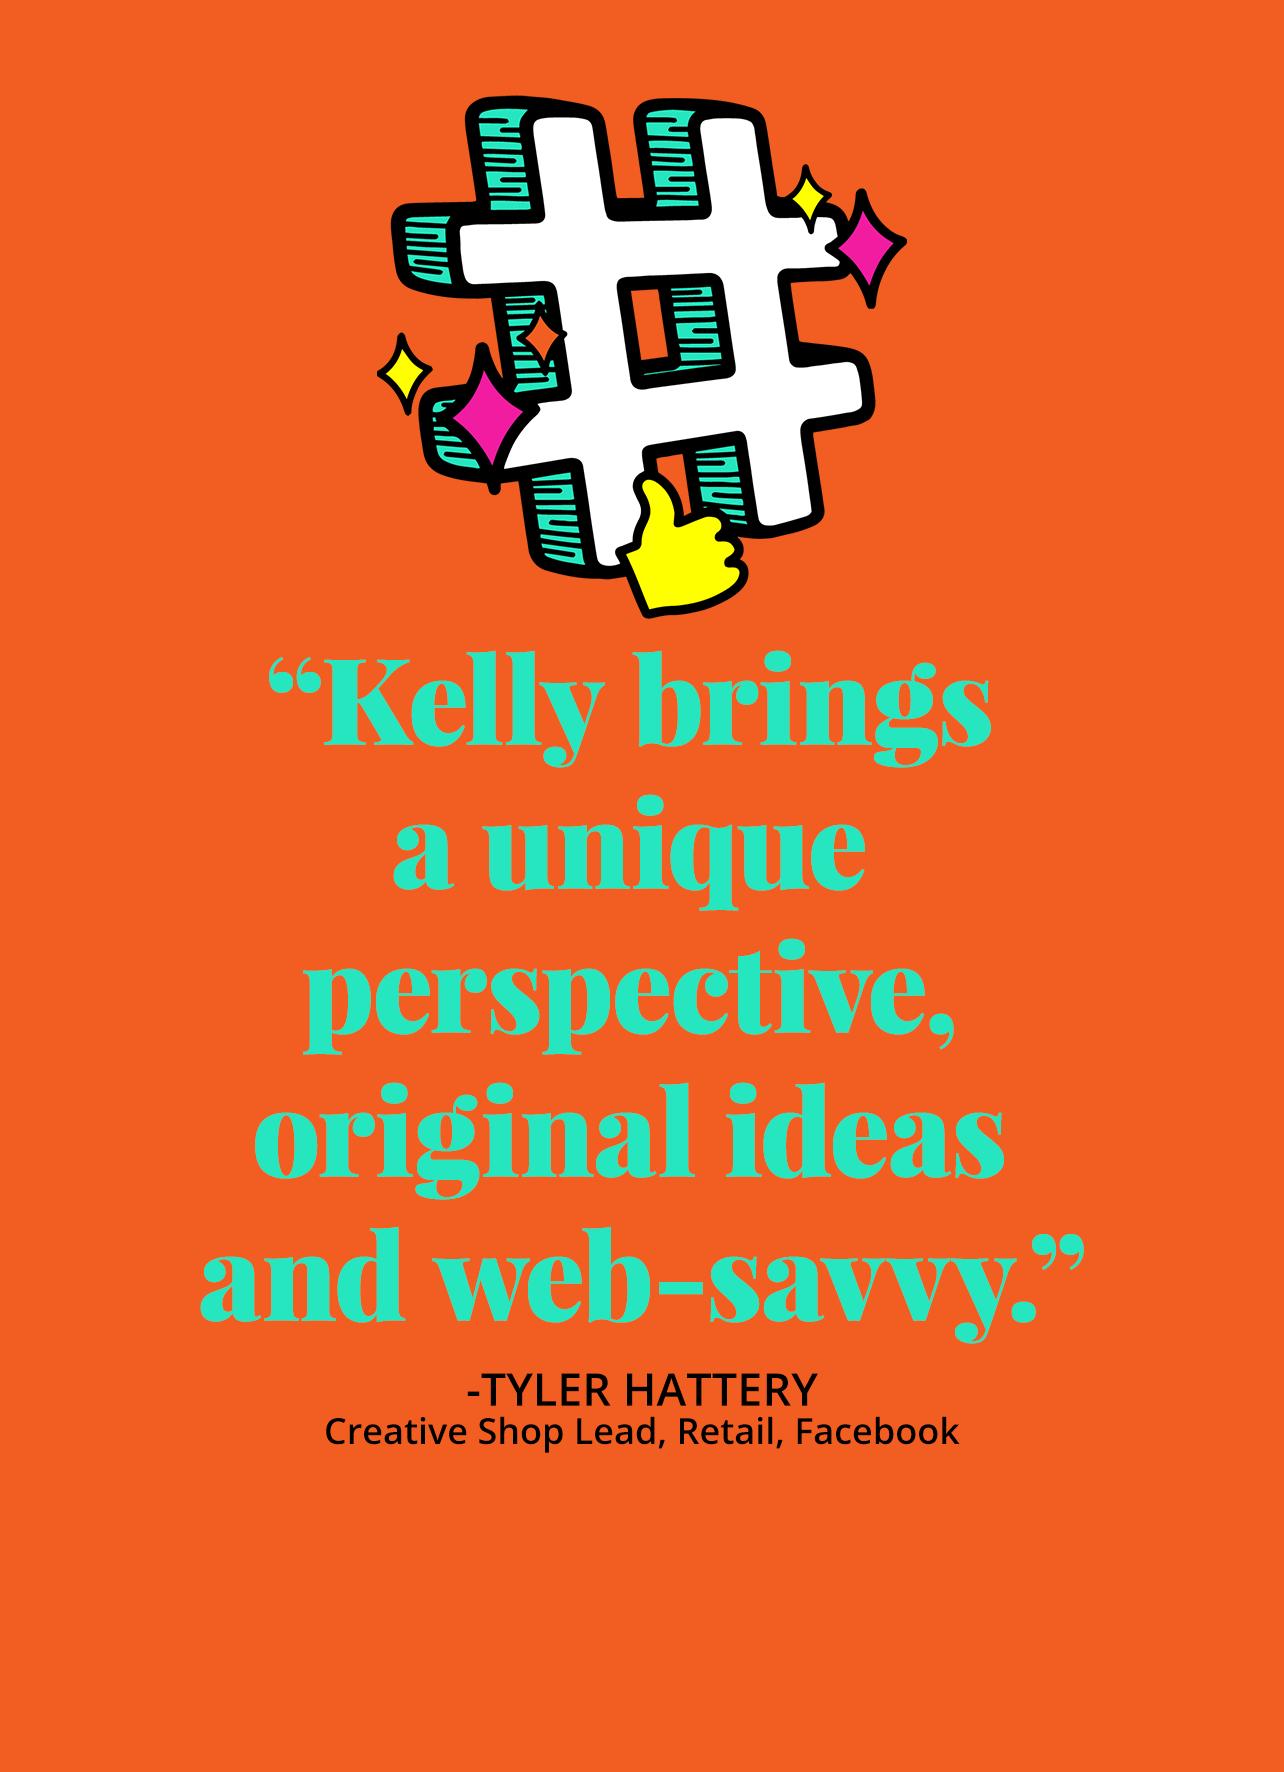 Tyler_quote_orange